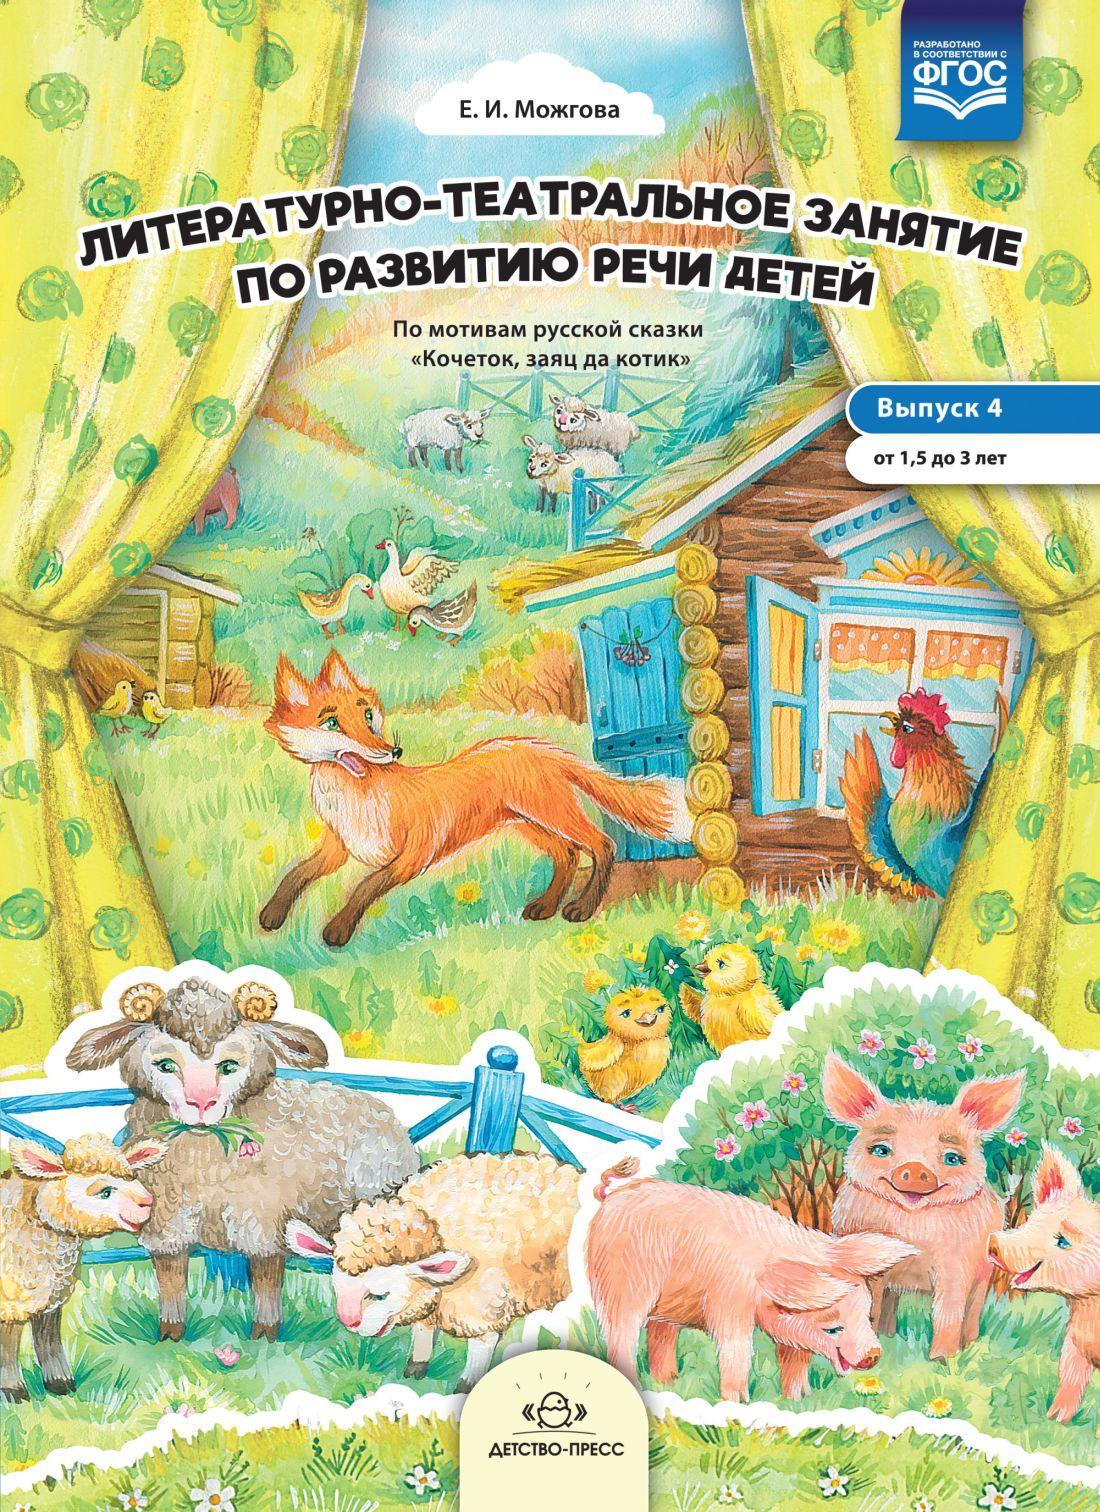 Литературно-театральное занятие по развитию речи детей. Вып. 4. От 1,5 до 3 лет ФГОС